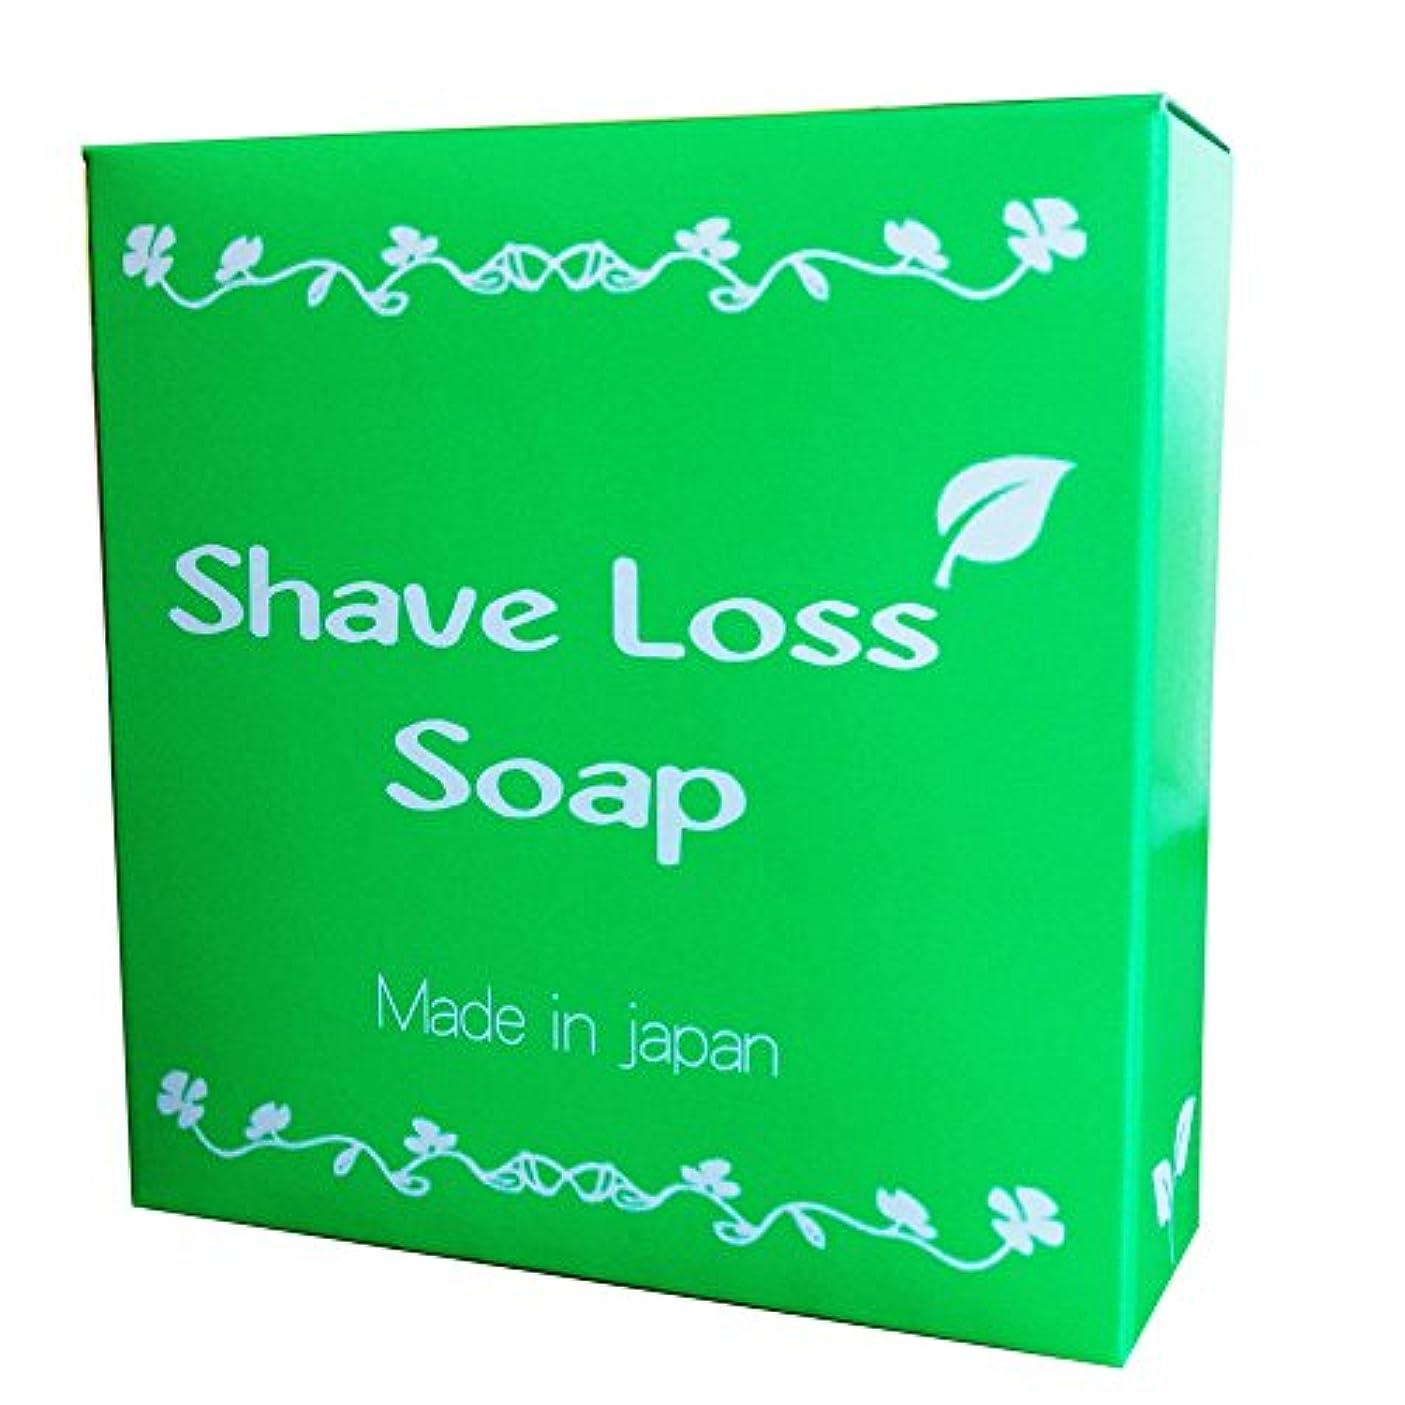 仕出します化学者お父さんShave Loss Soap 女性のツルツルを叶える 奇跡の石鹸 80g (1個)